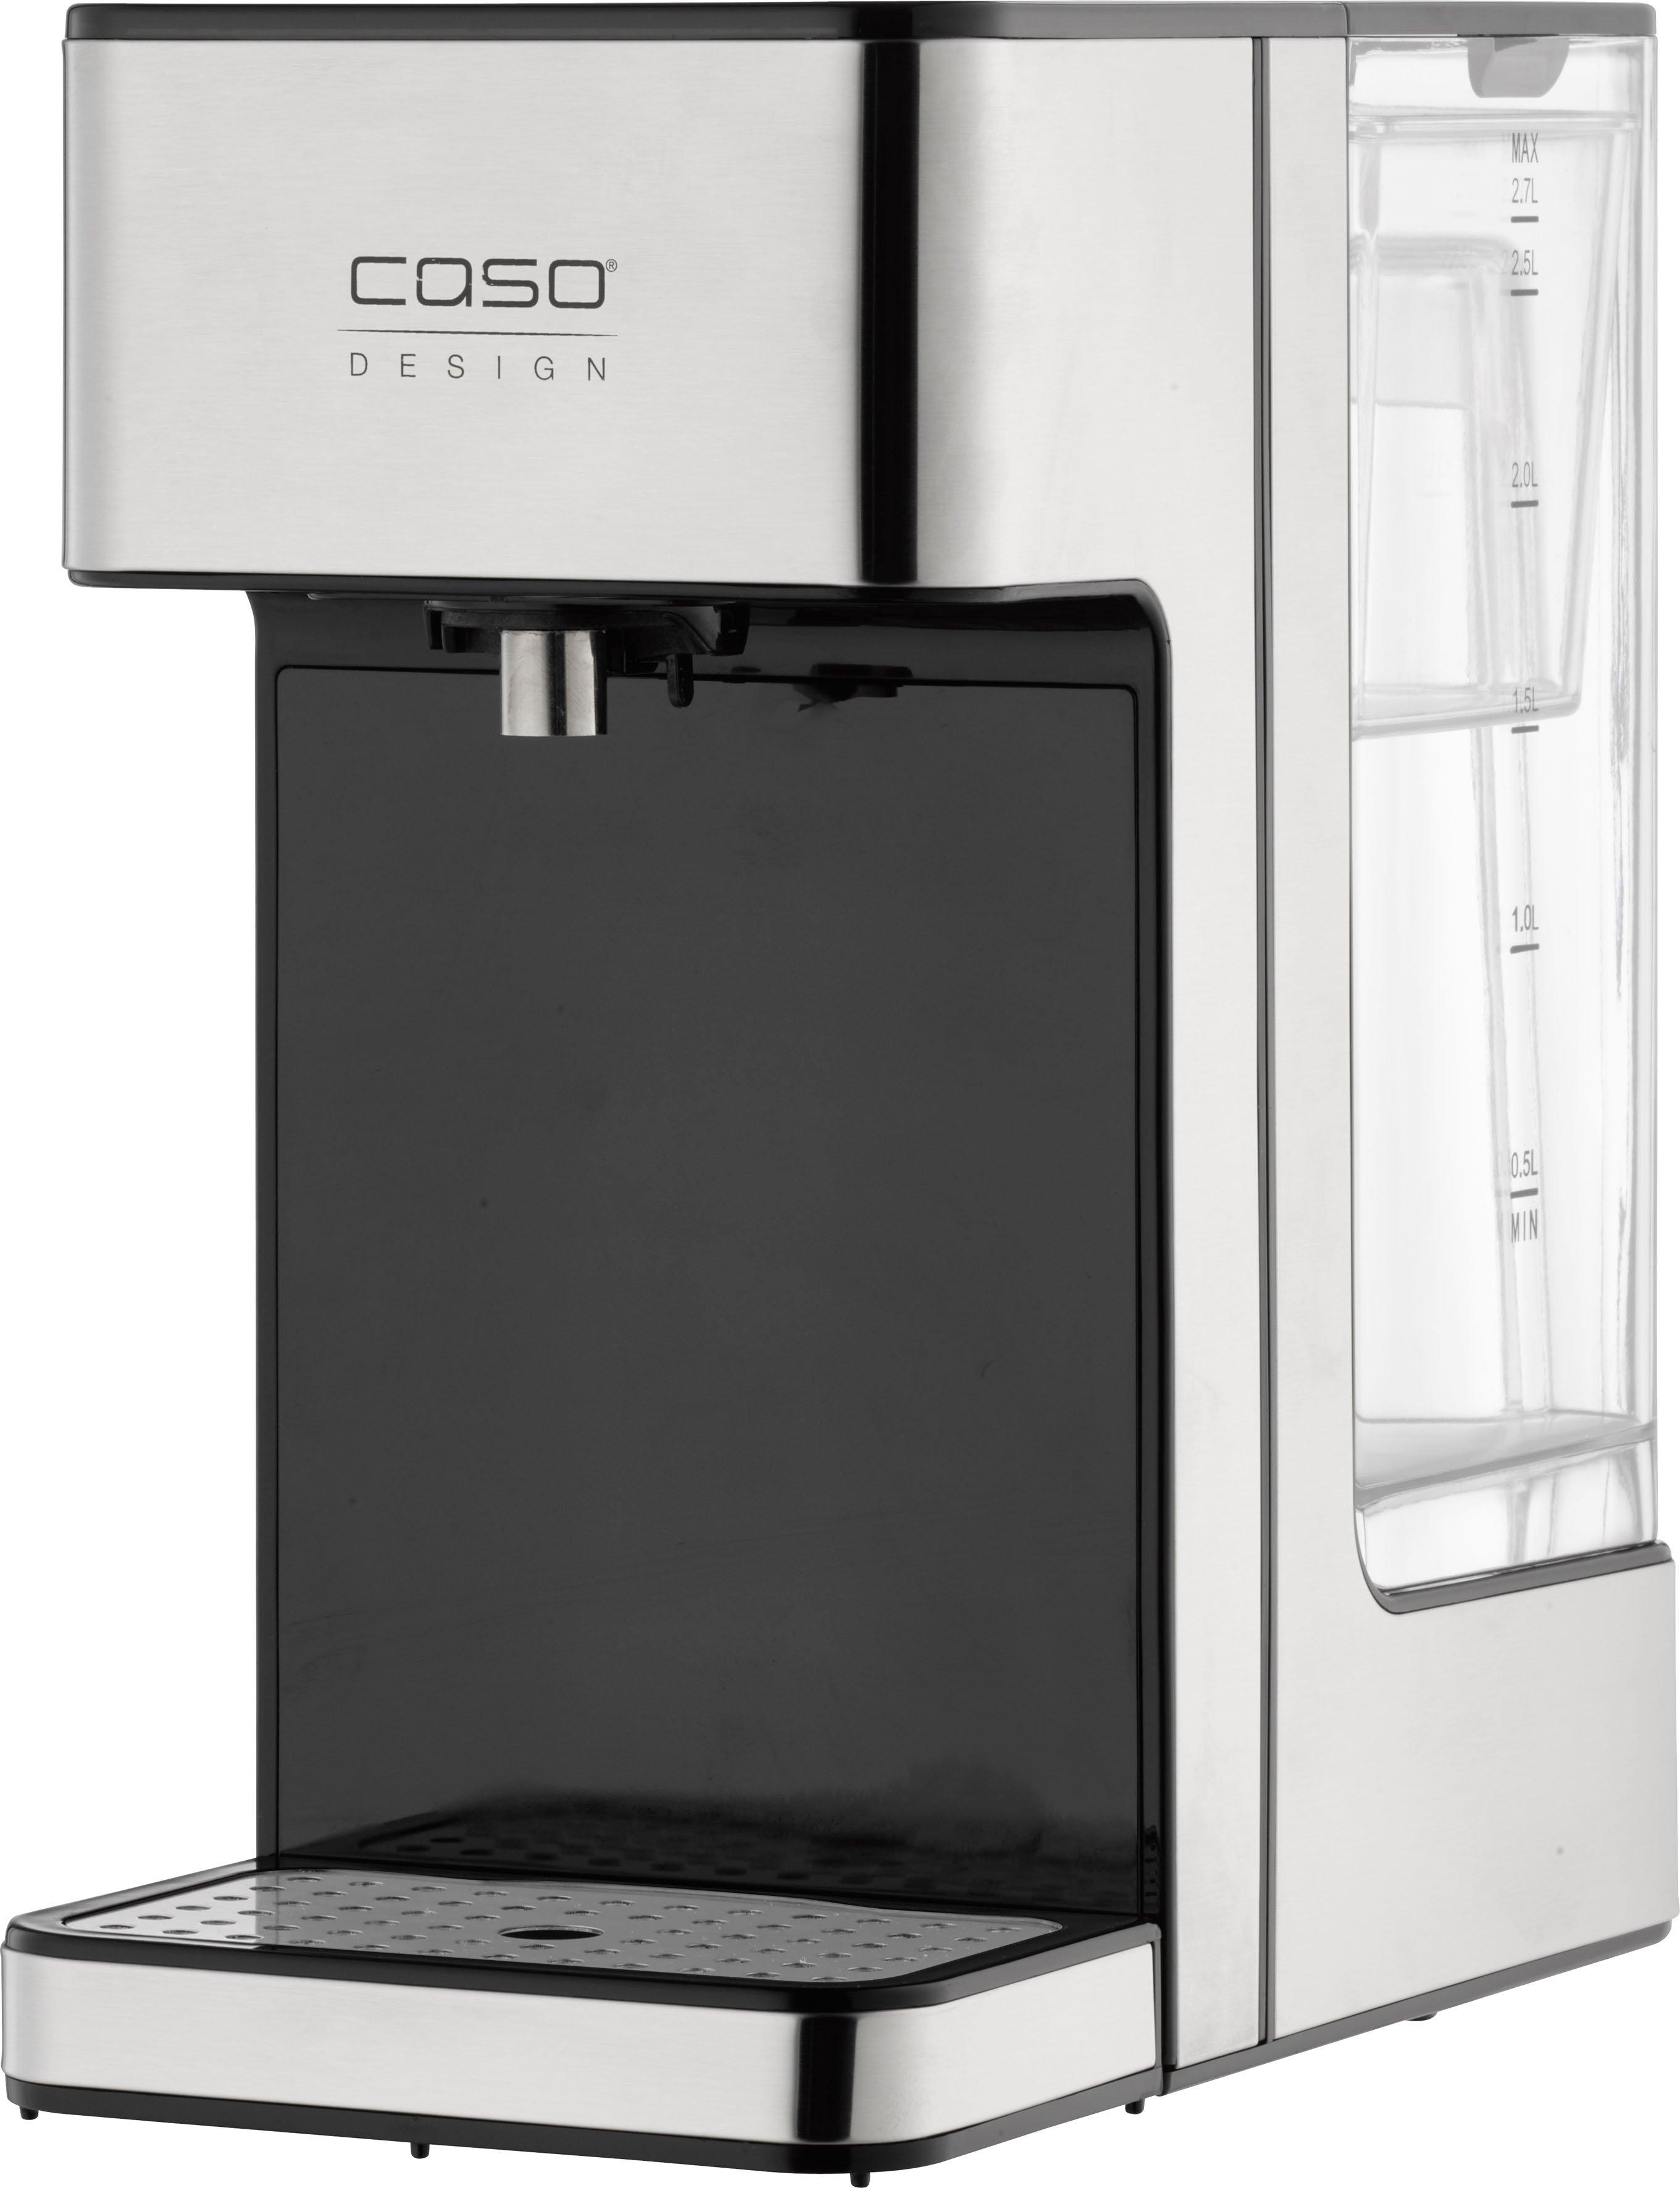 Caso Heetwaterdispenser 1868 HW 600, 2,7 l in de webshop van OTTO kopen